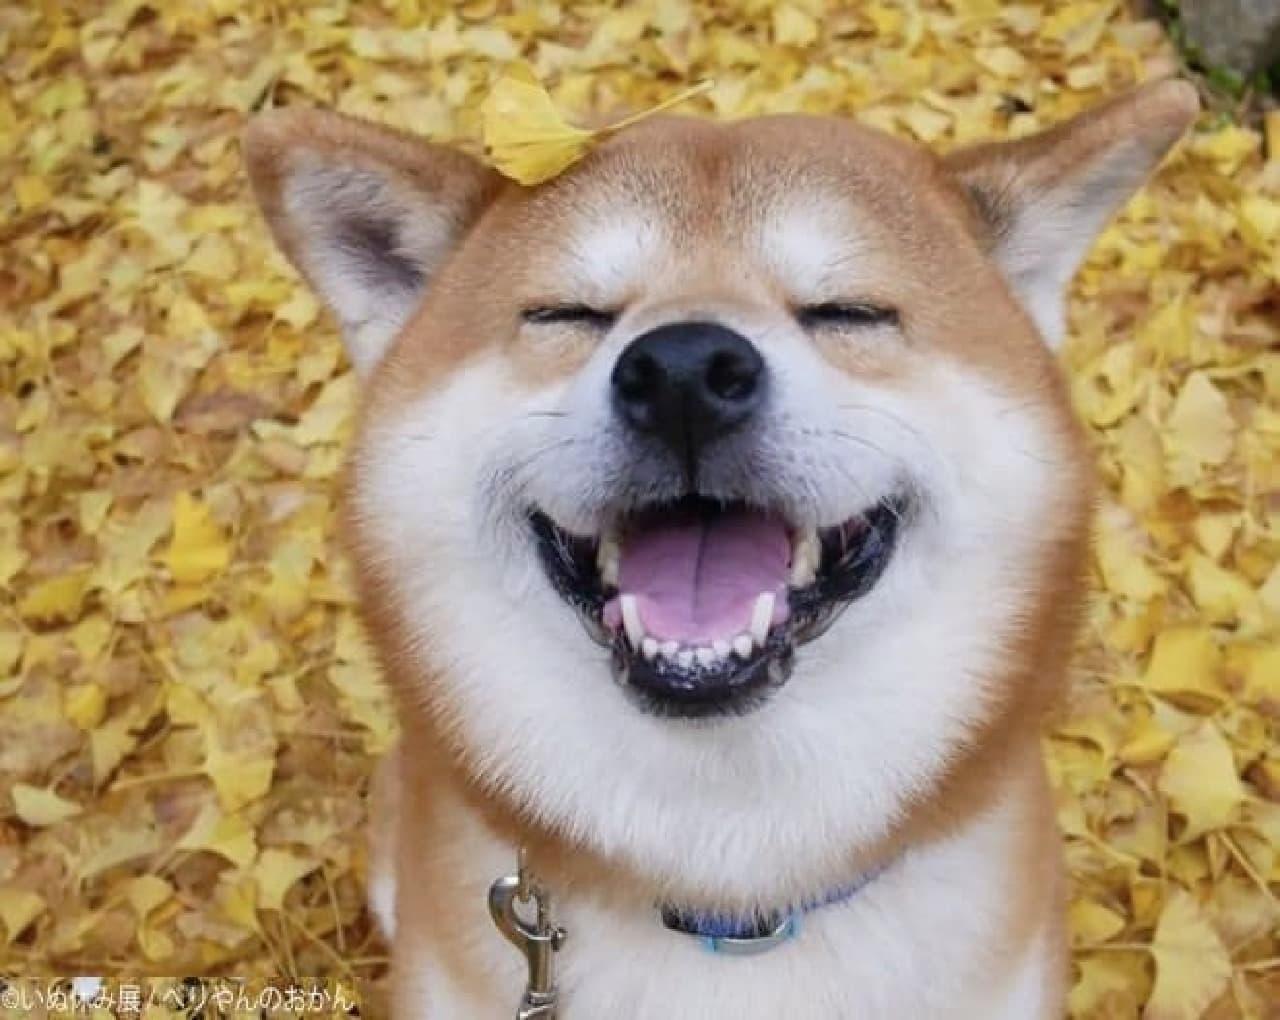 11月1日は「わんわんわん」で犬の日―、犬の合同写真&物販展「いぬ休み展」初開催